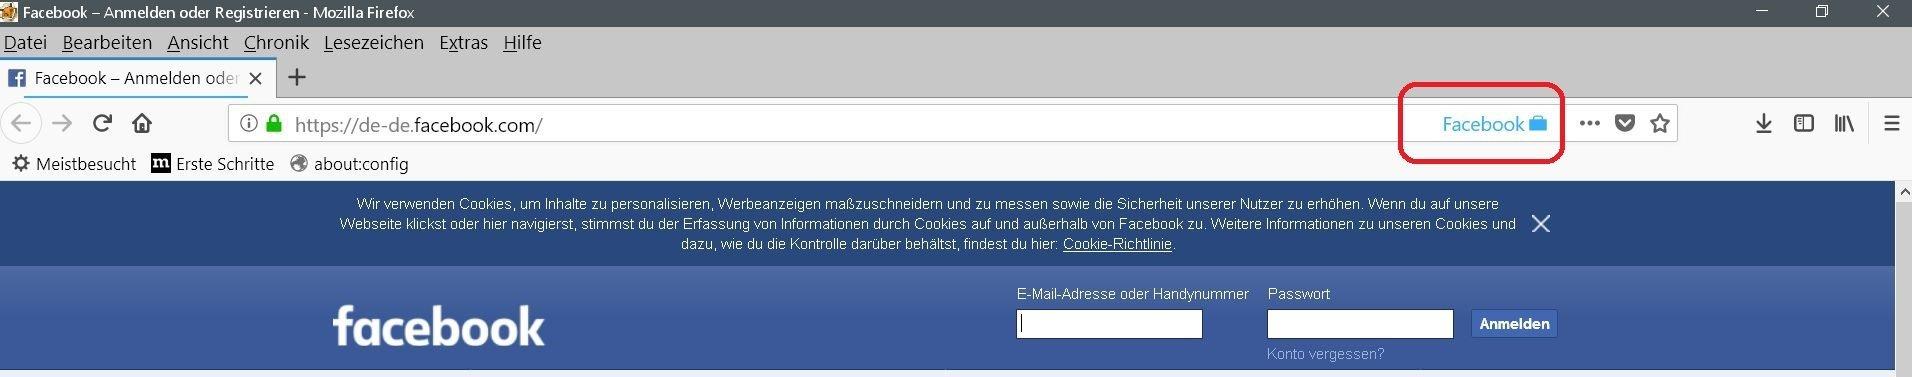 facebook-container-urlbar